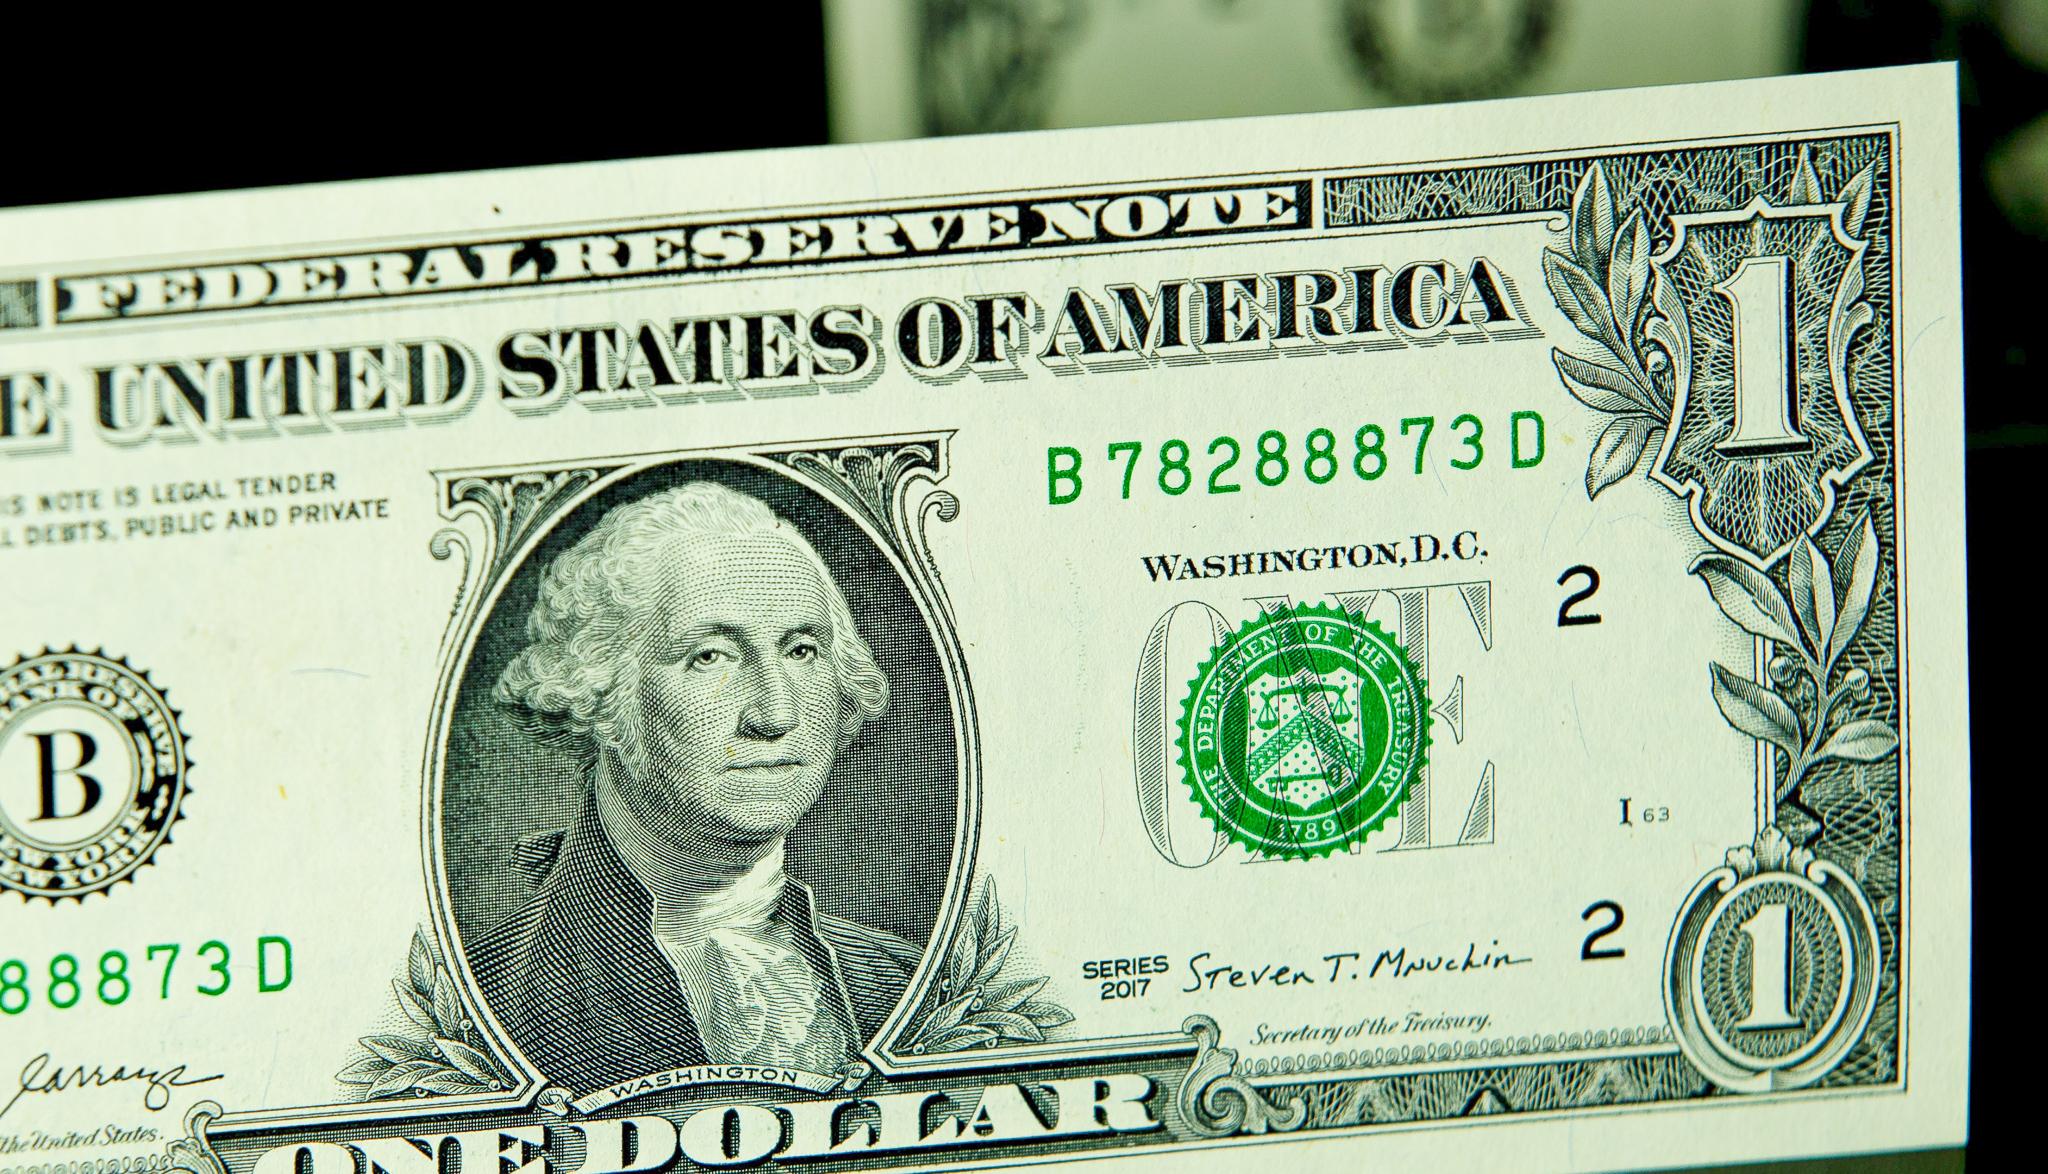 Debt relief in Crestview, FL